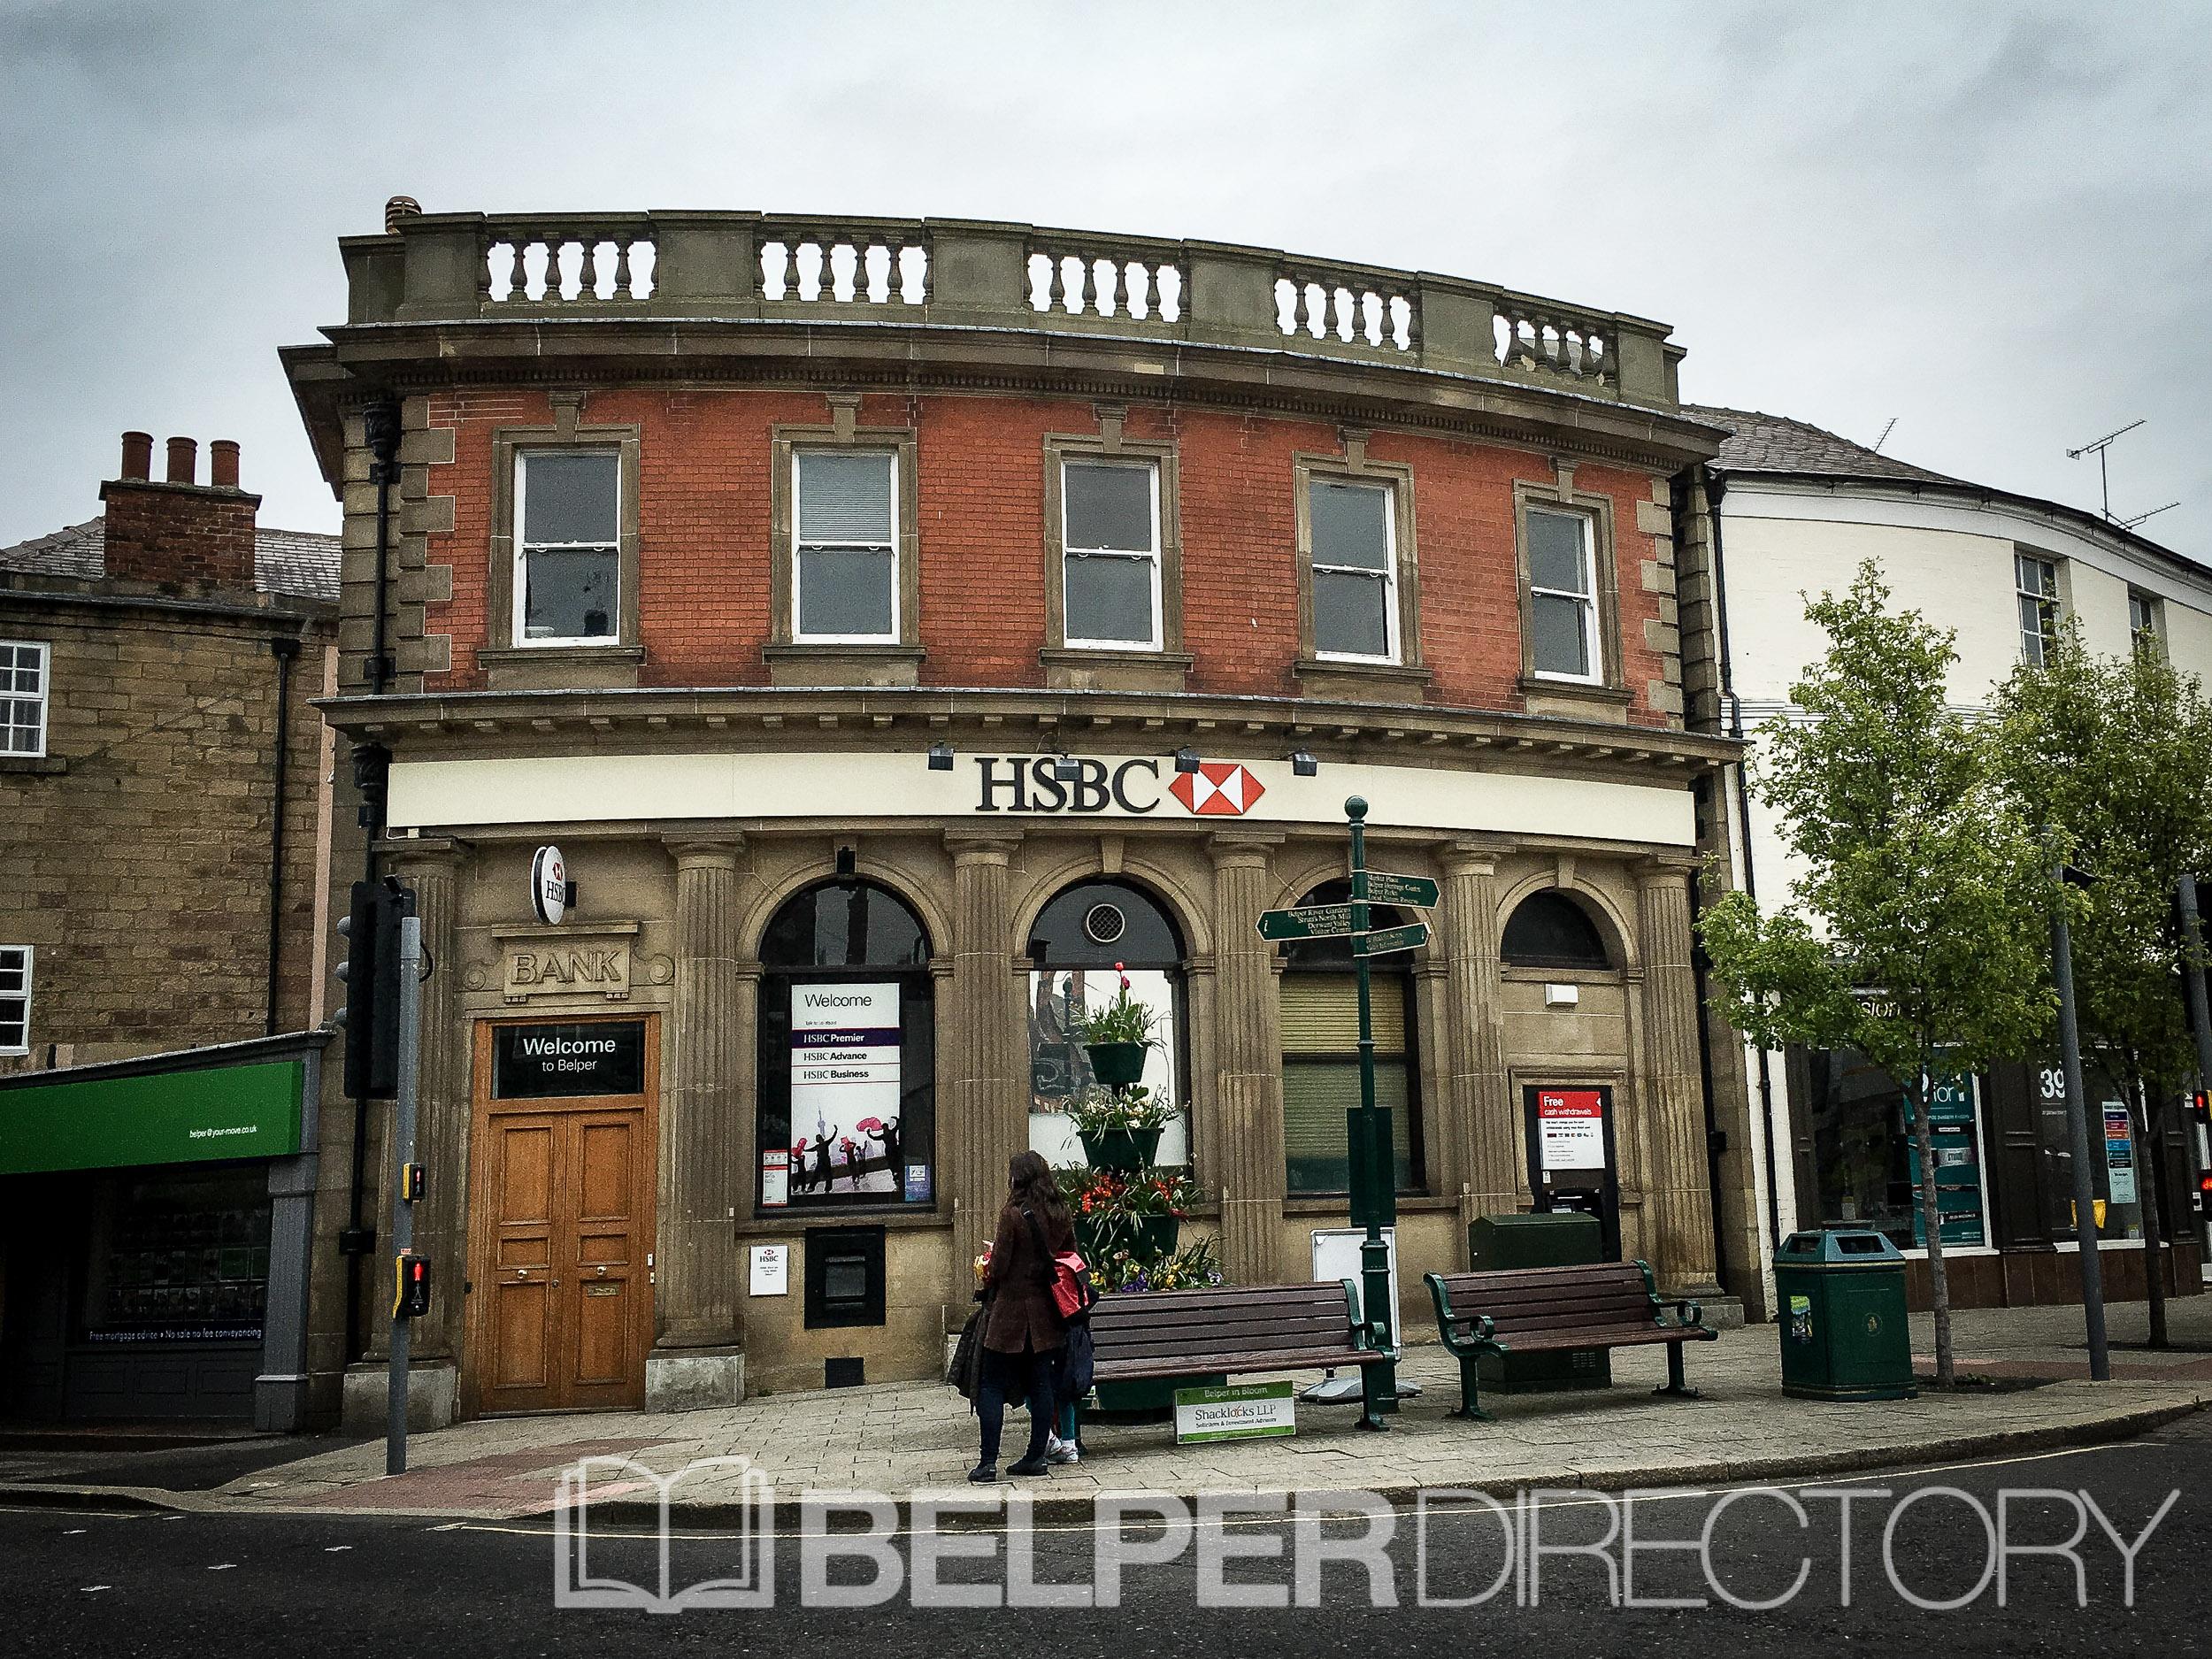 HSBC Bank - Belper - Belper Shop & Business Directory Belper Shop